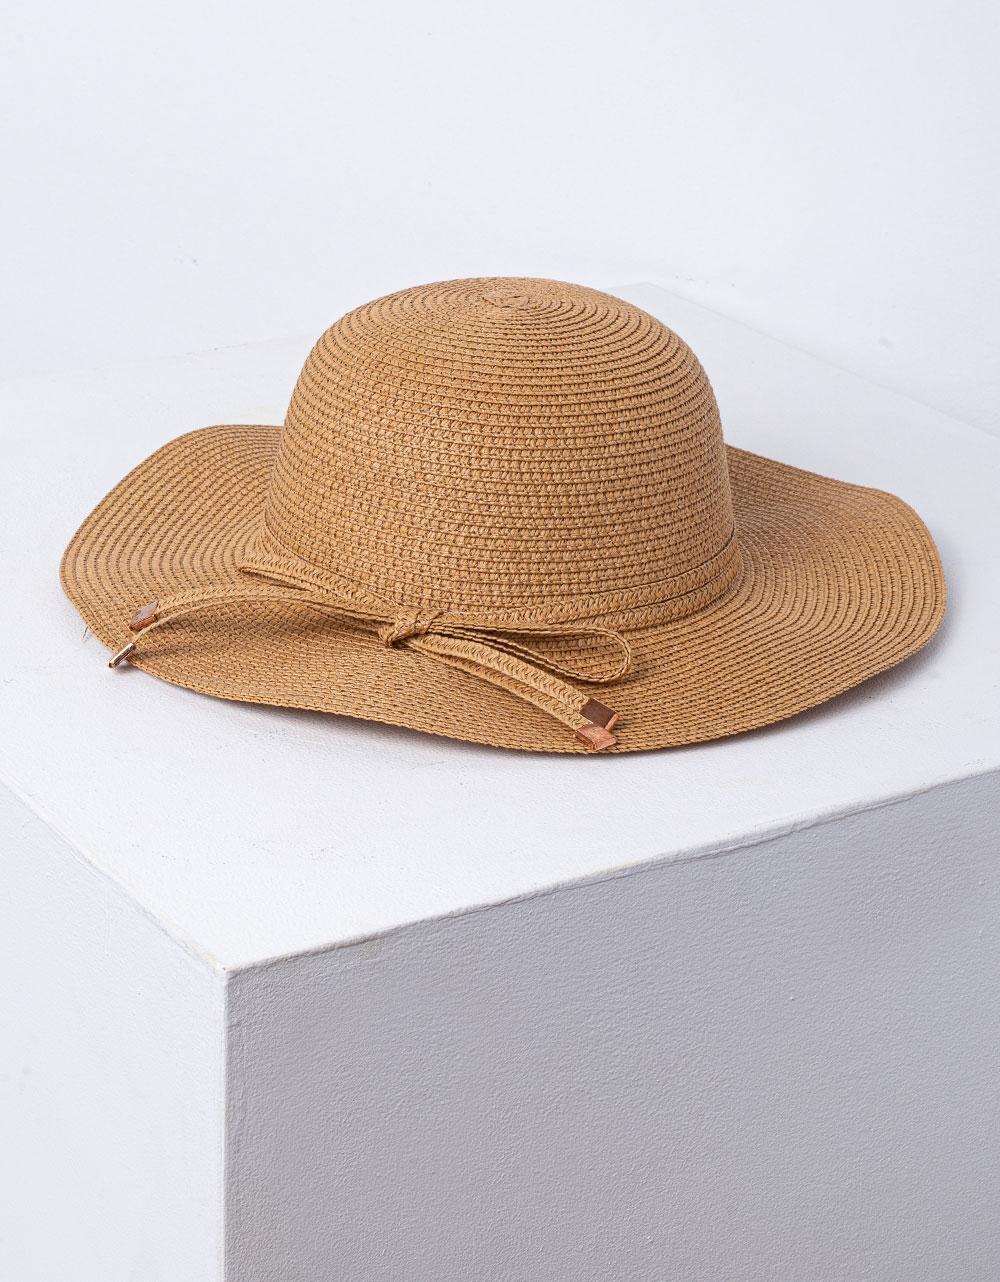 Εικόνα από Γυναικείο καπέλο ψάθινο με κορδόνι Πούρο